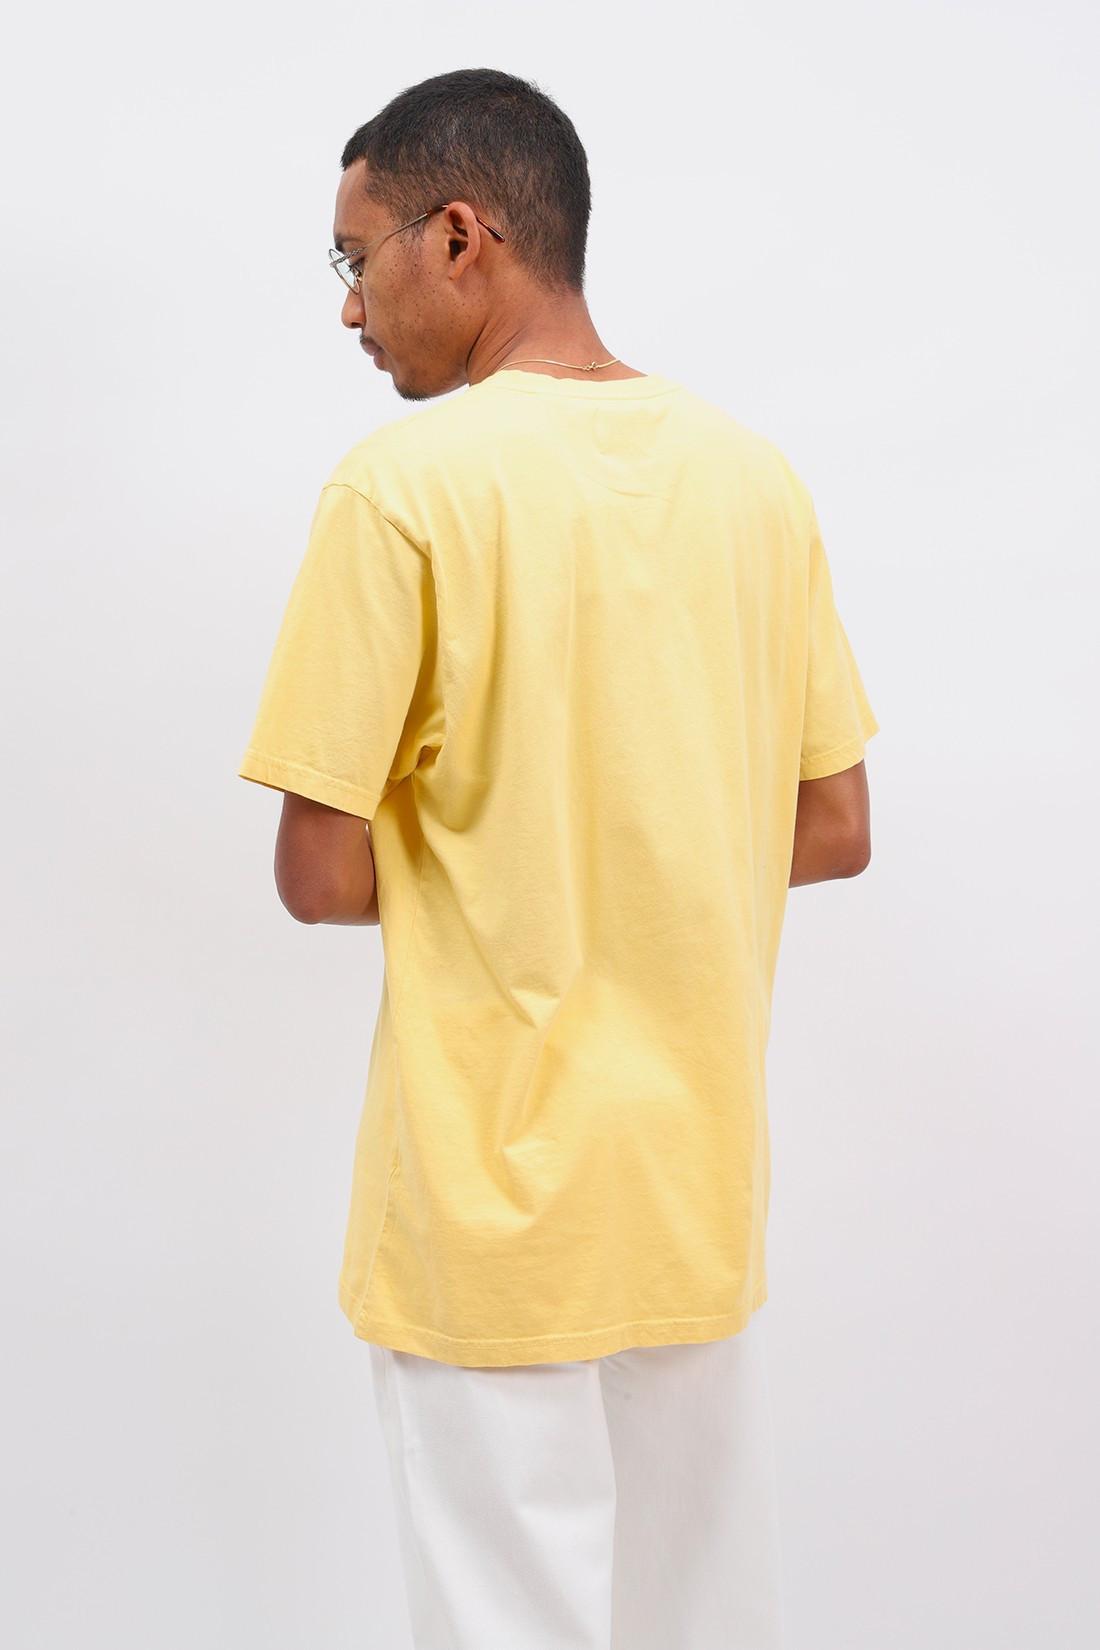 HOMECORE / Rodger bio Chick yellow